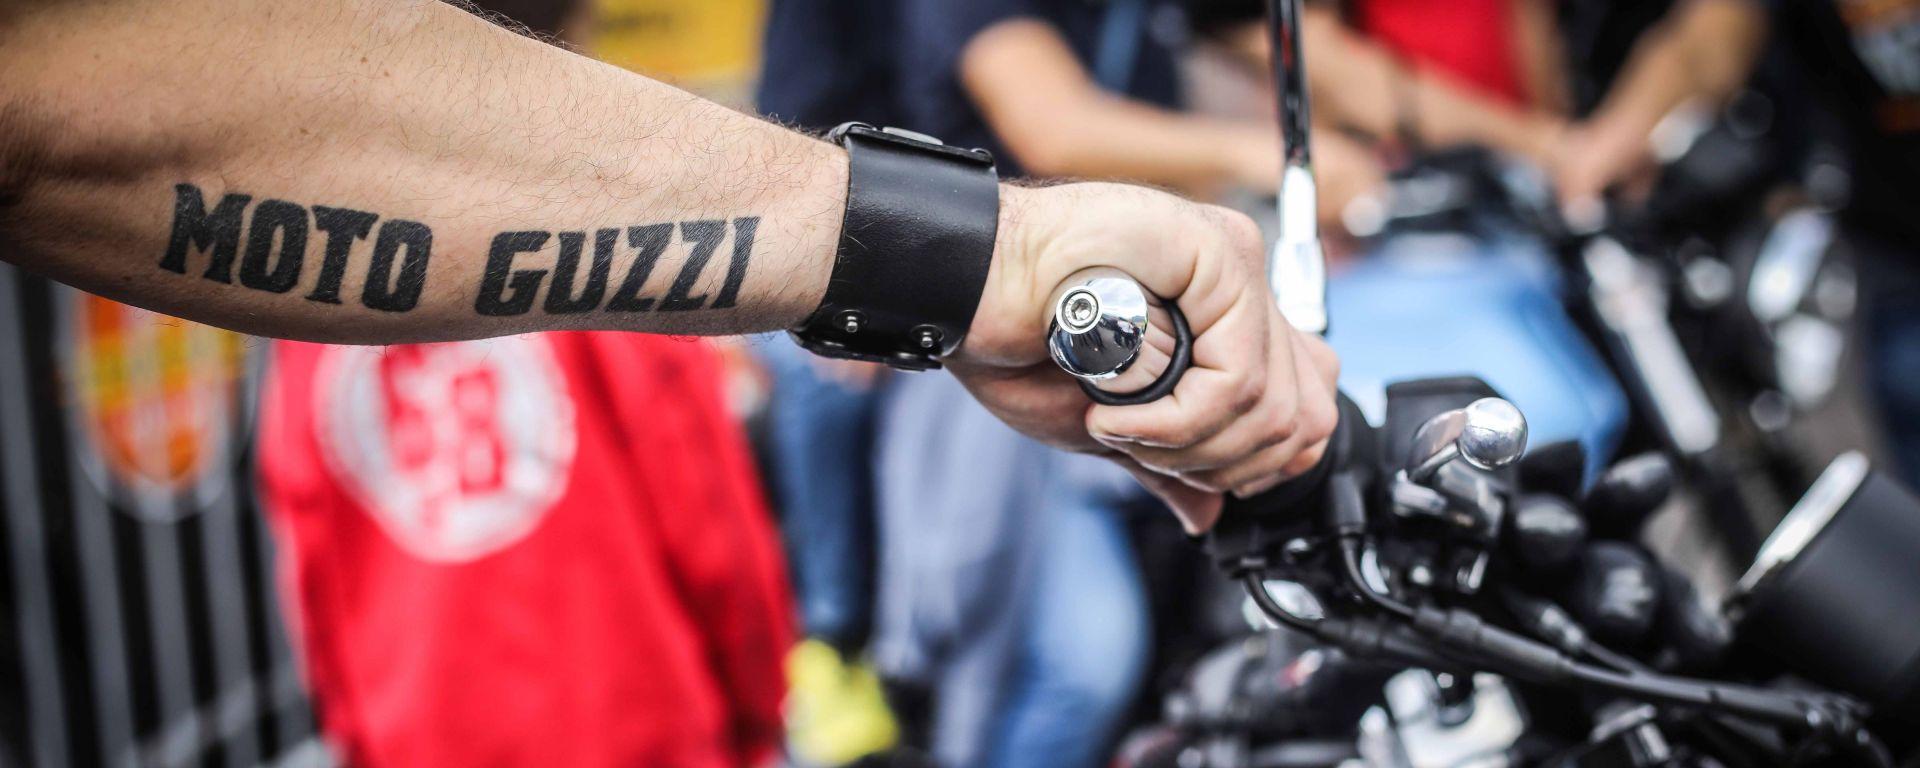 Moto Guzzi Open House 2018: la festa a Mandello, tra musica e divertimento